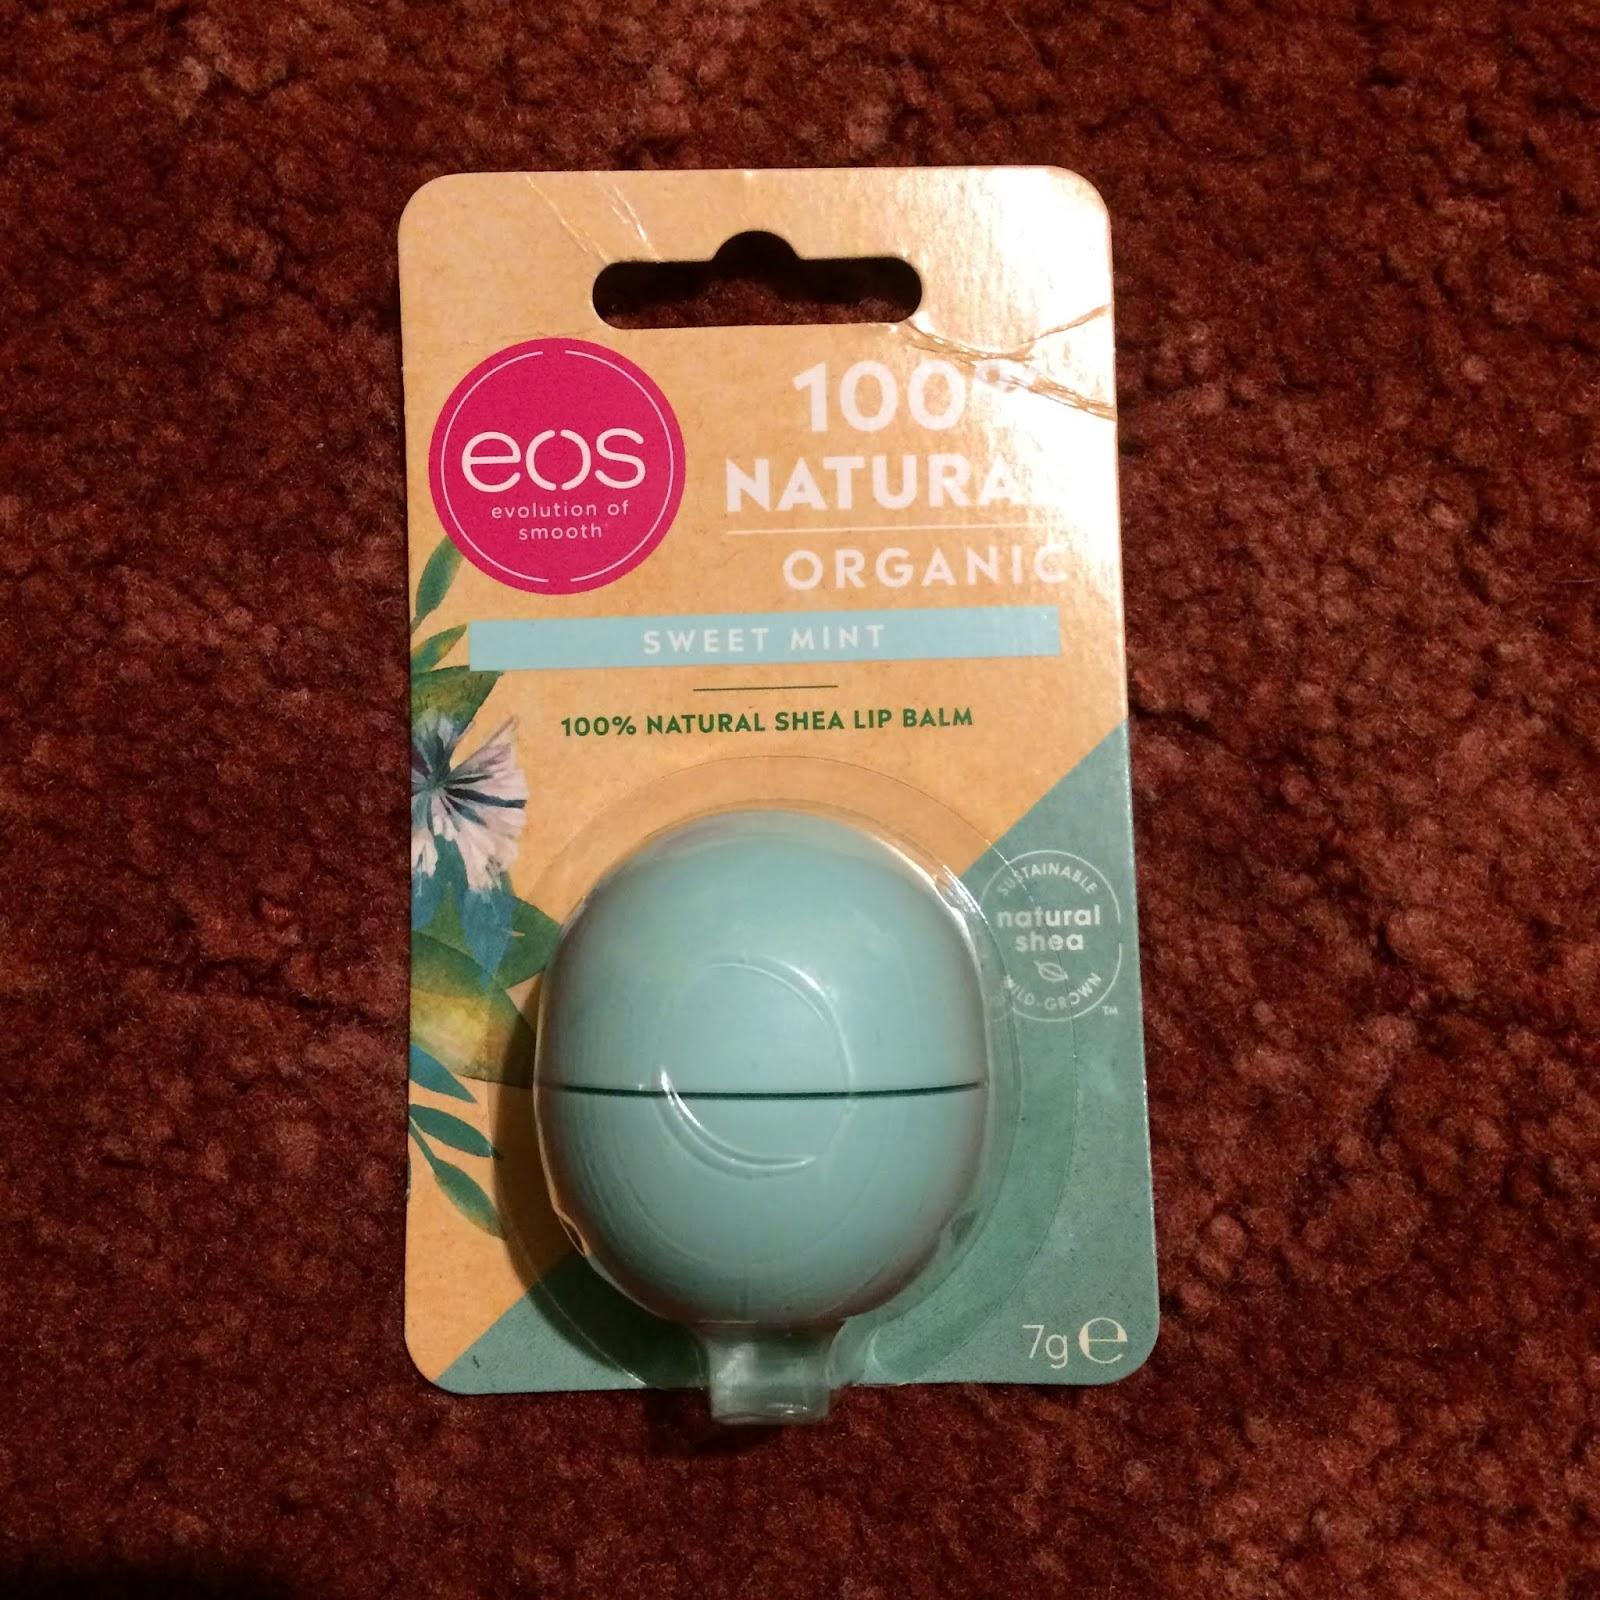 An EOS 100% natural organic sweet mint shea lip balm